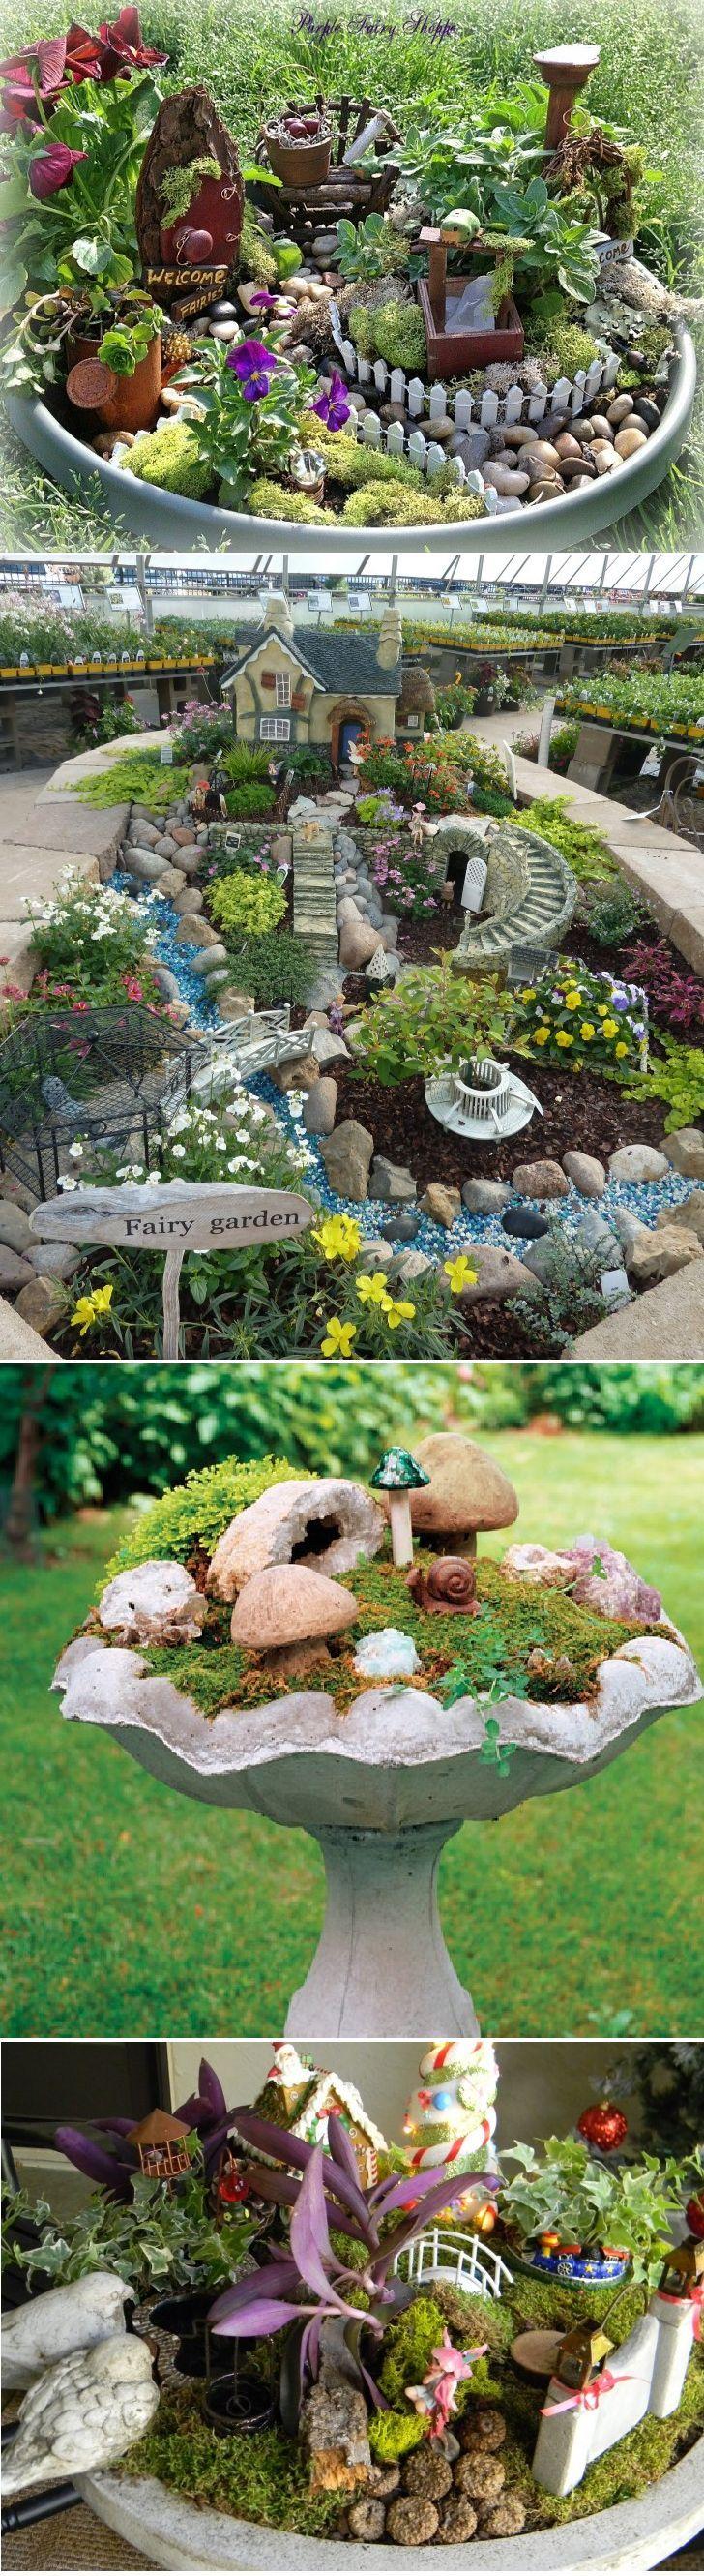 DIY Ideas How To Make Fairy Garden   Gardening Designing